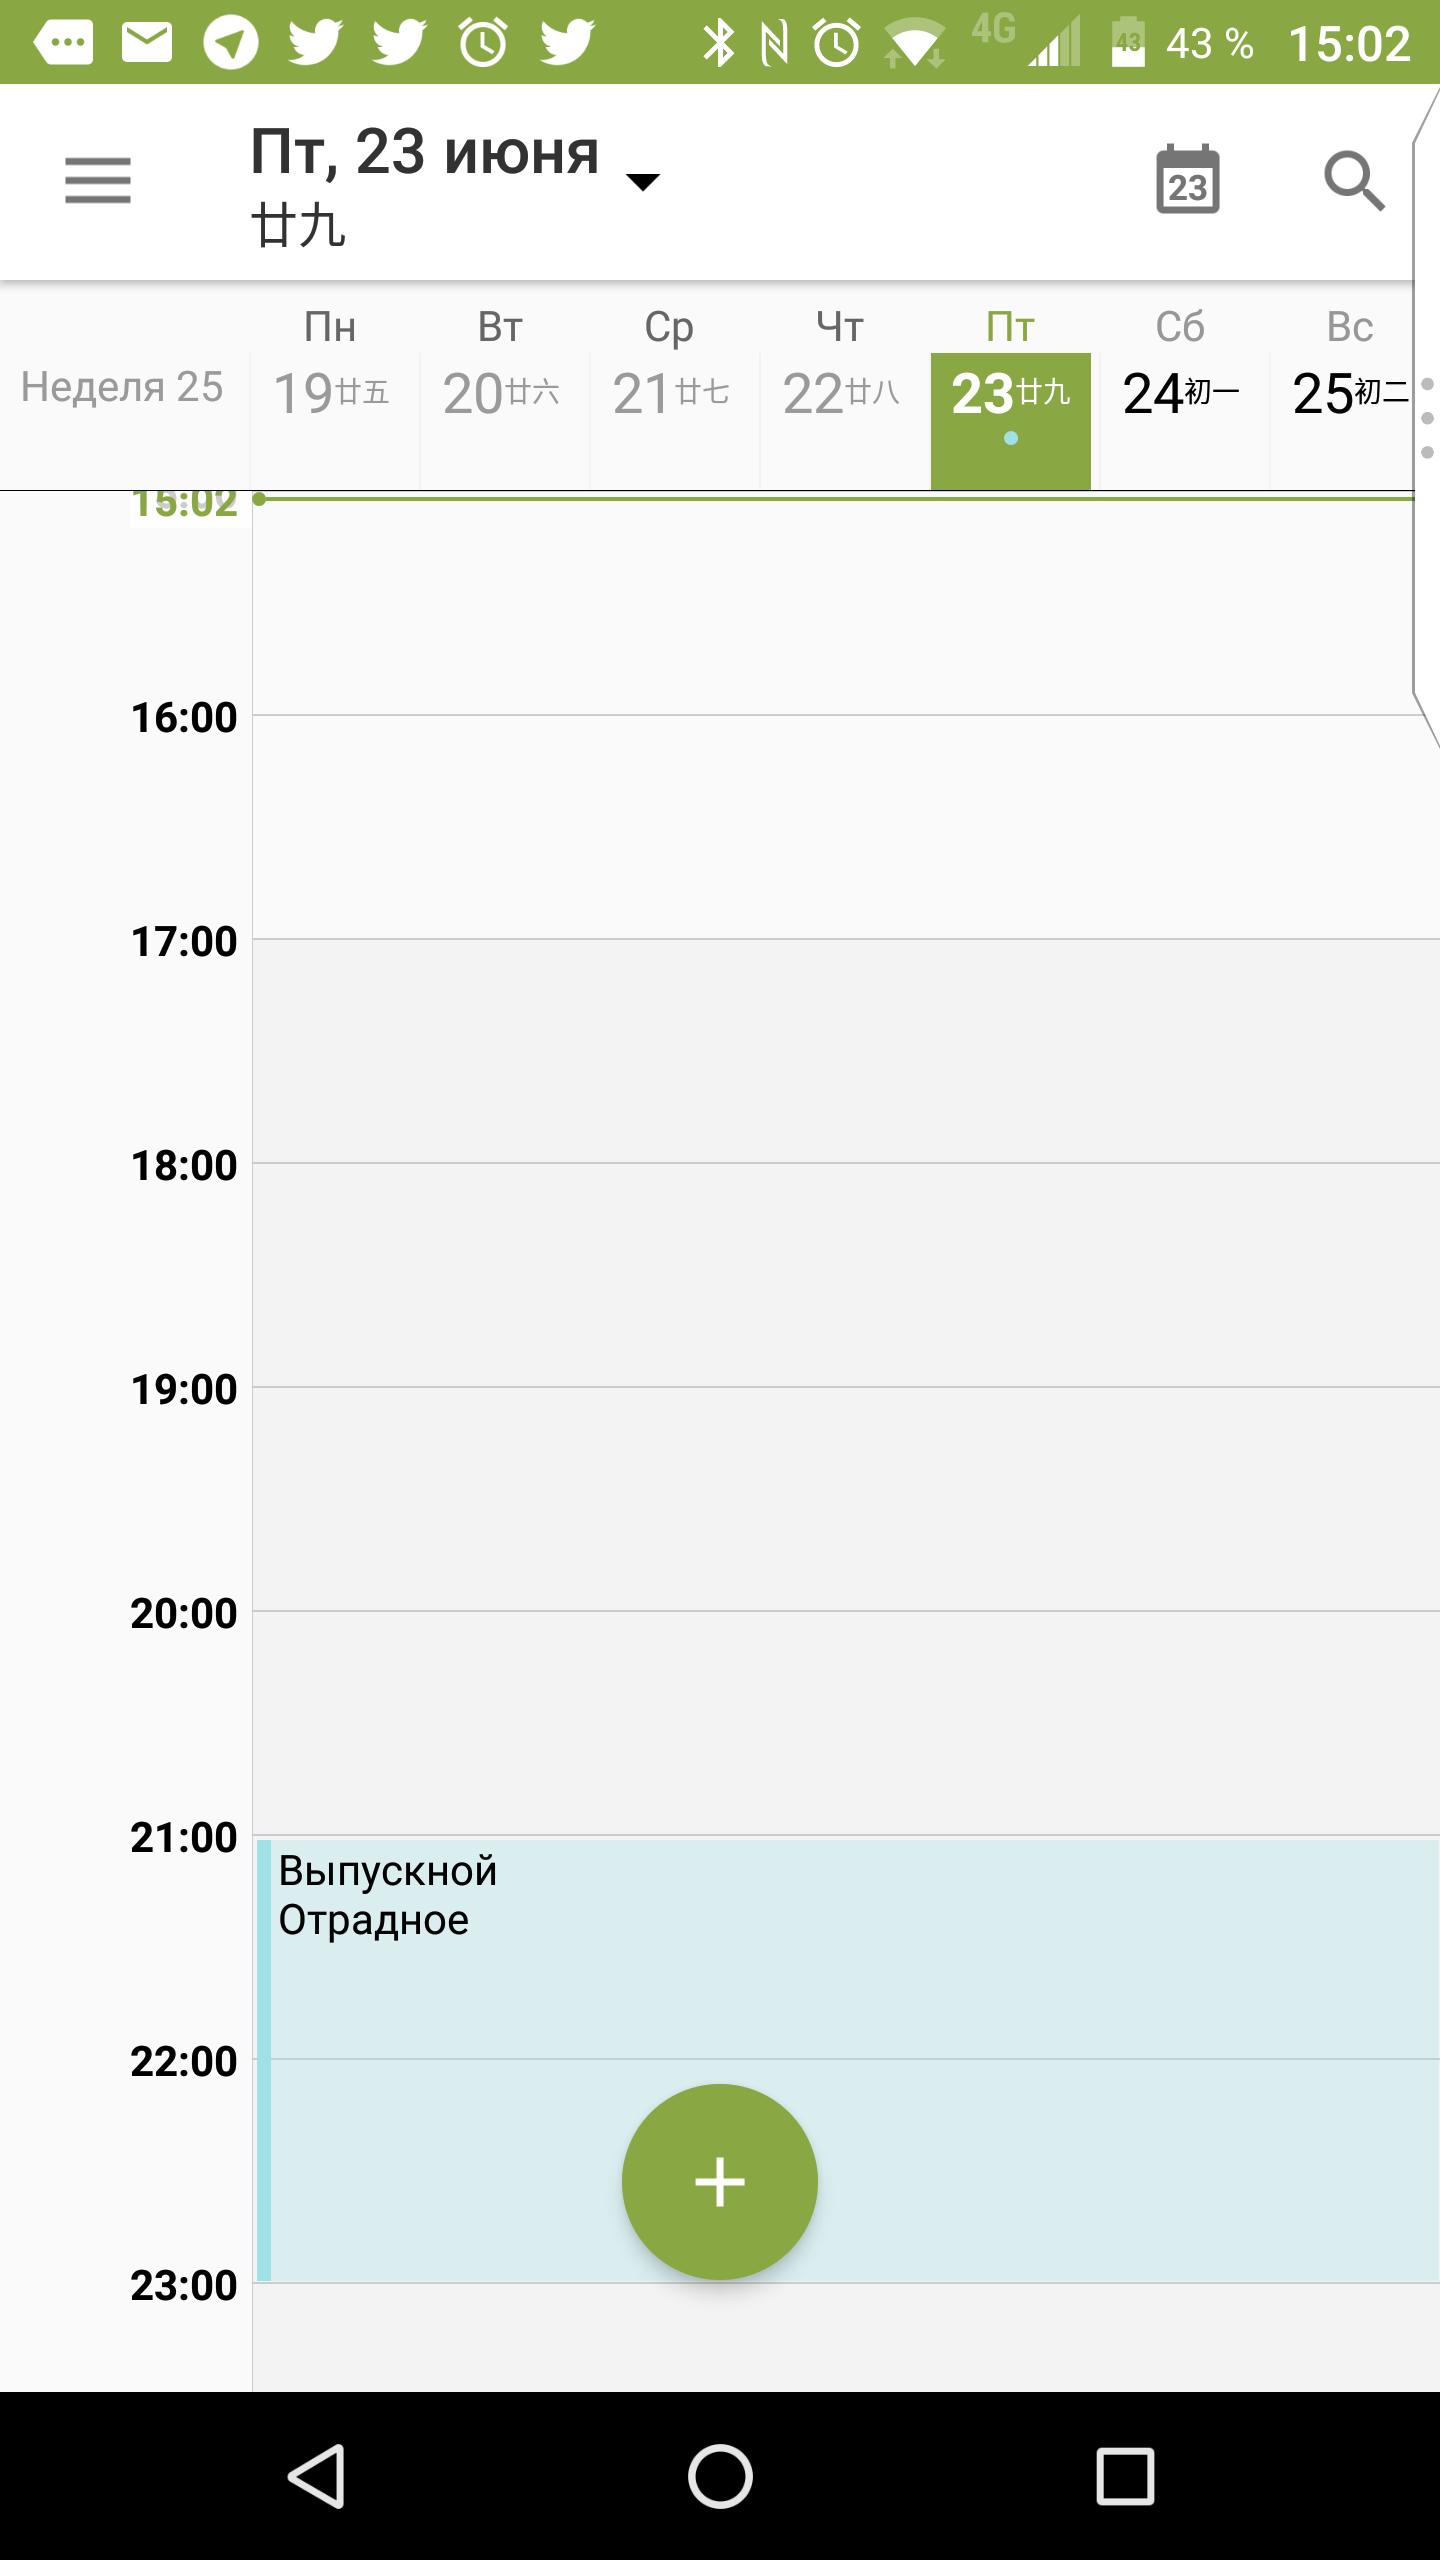 Рабочий календарь дней на 2015 год